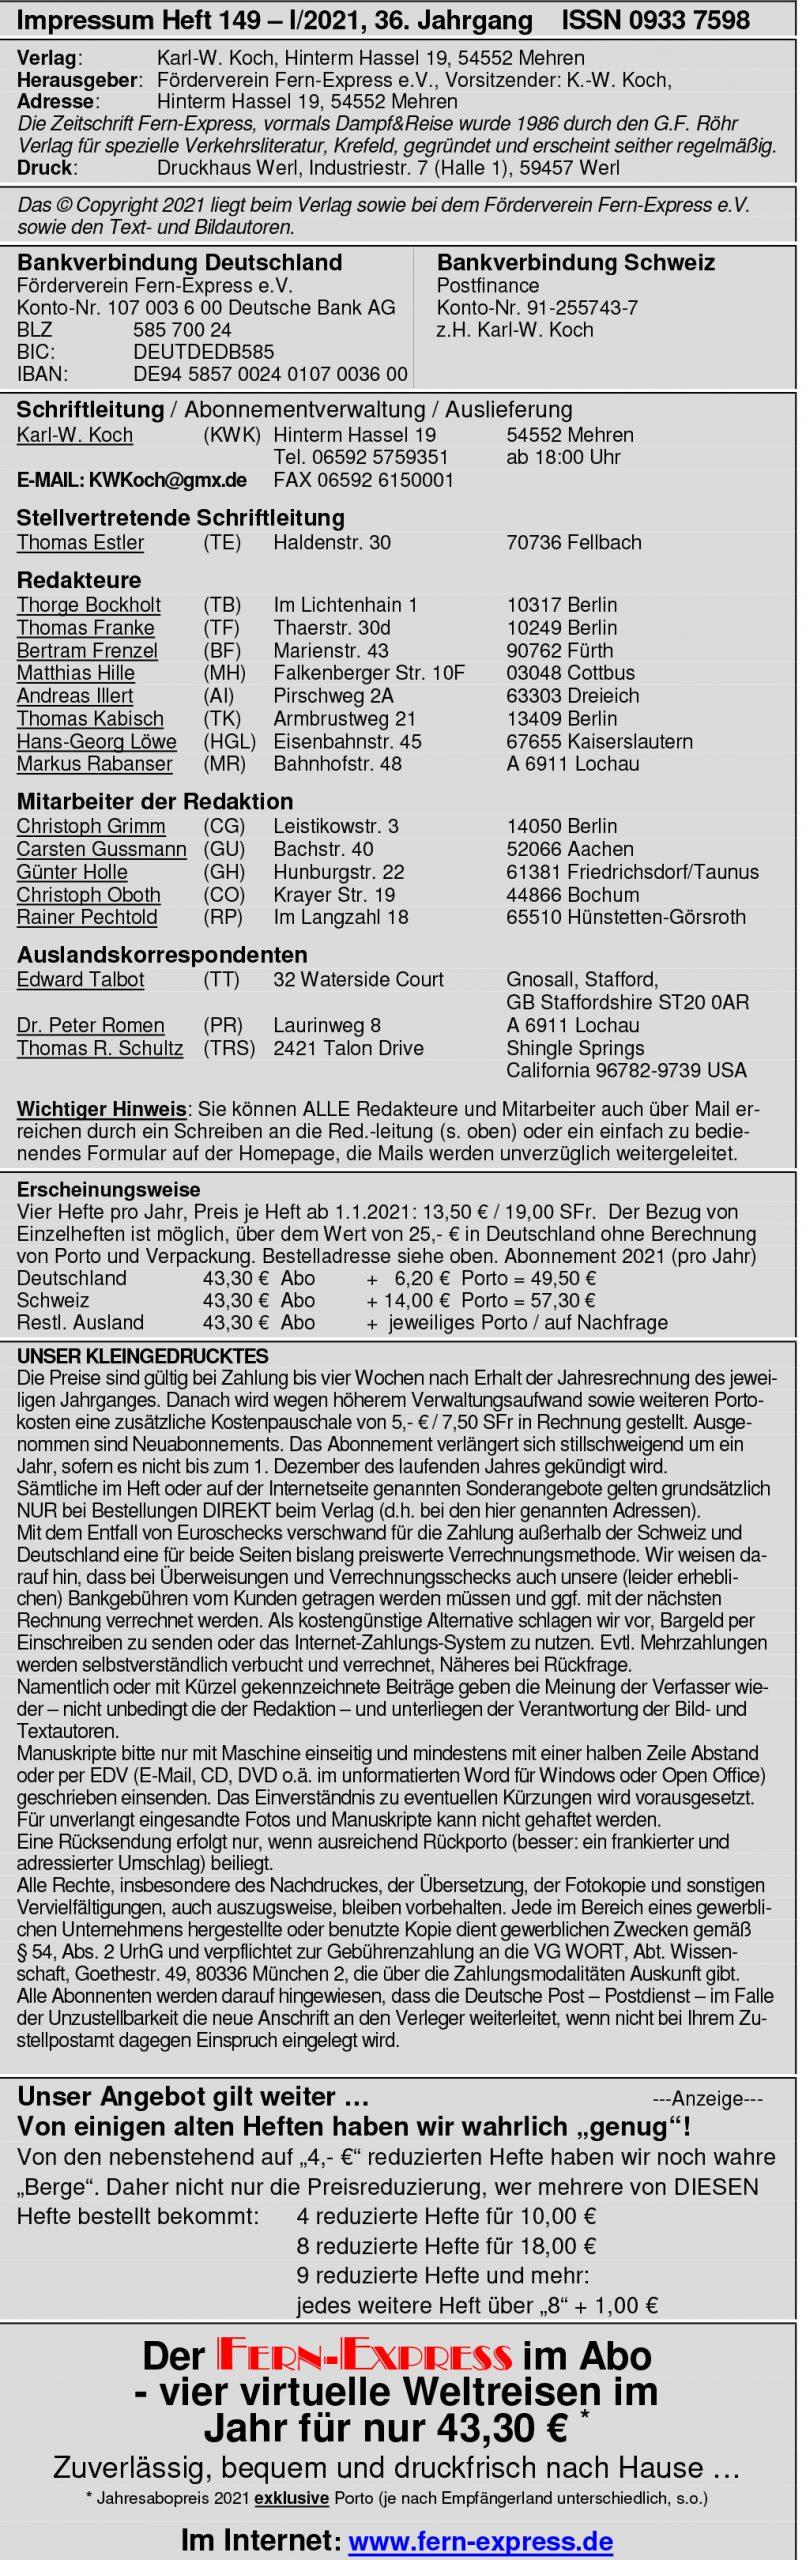 Fern-Express - Impressum (Stand: März 2021)